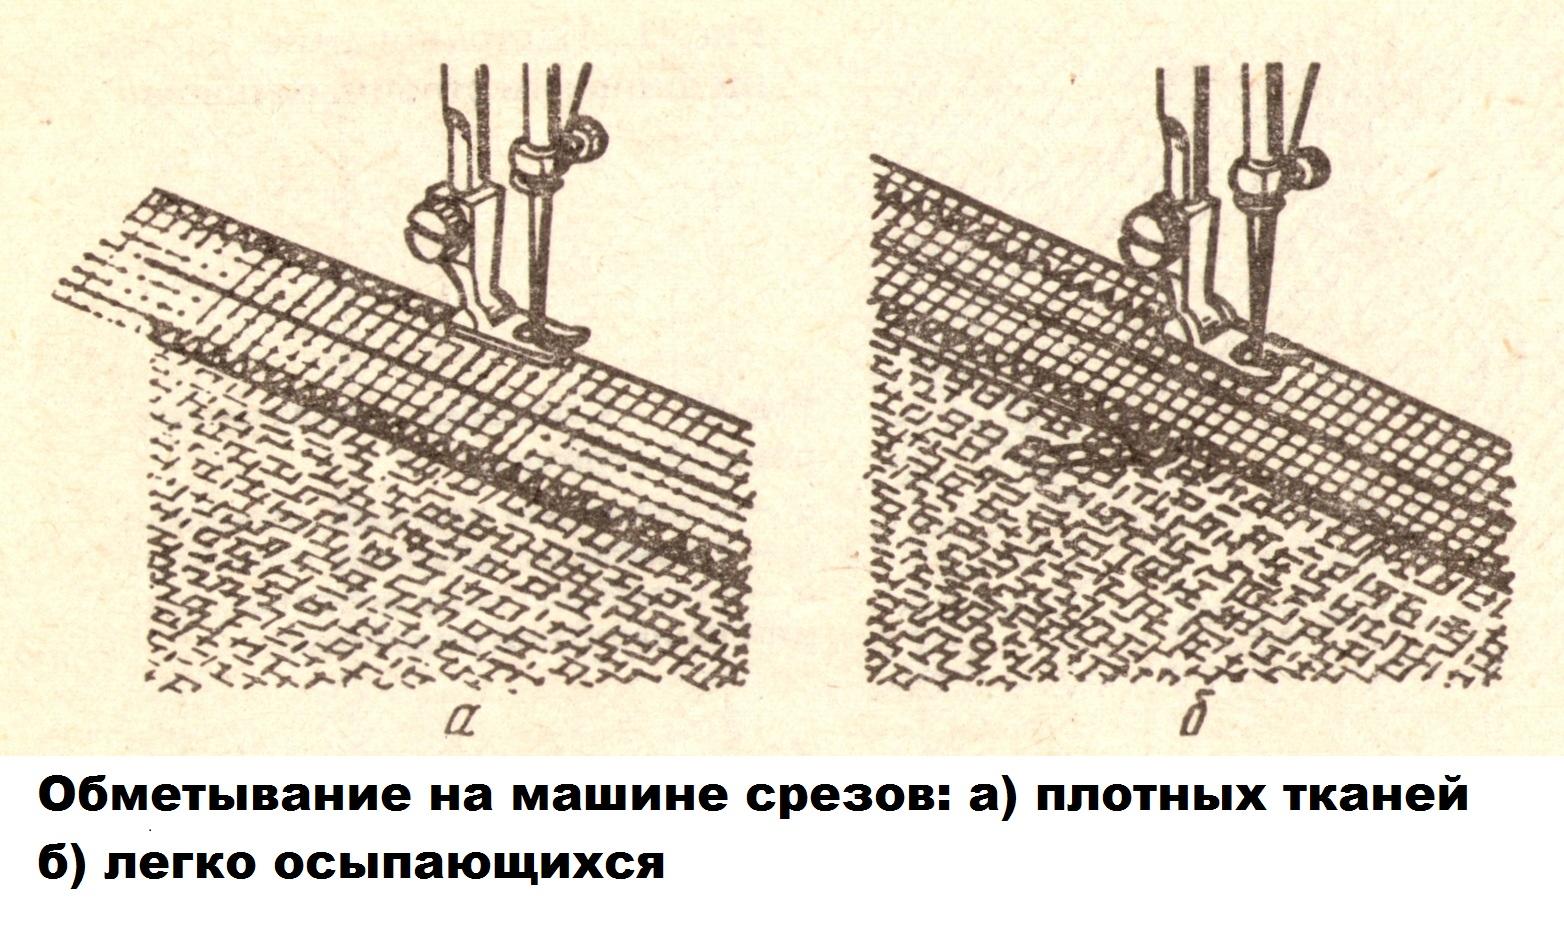 Обметыванеи срезов (1-3)